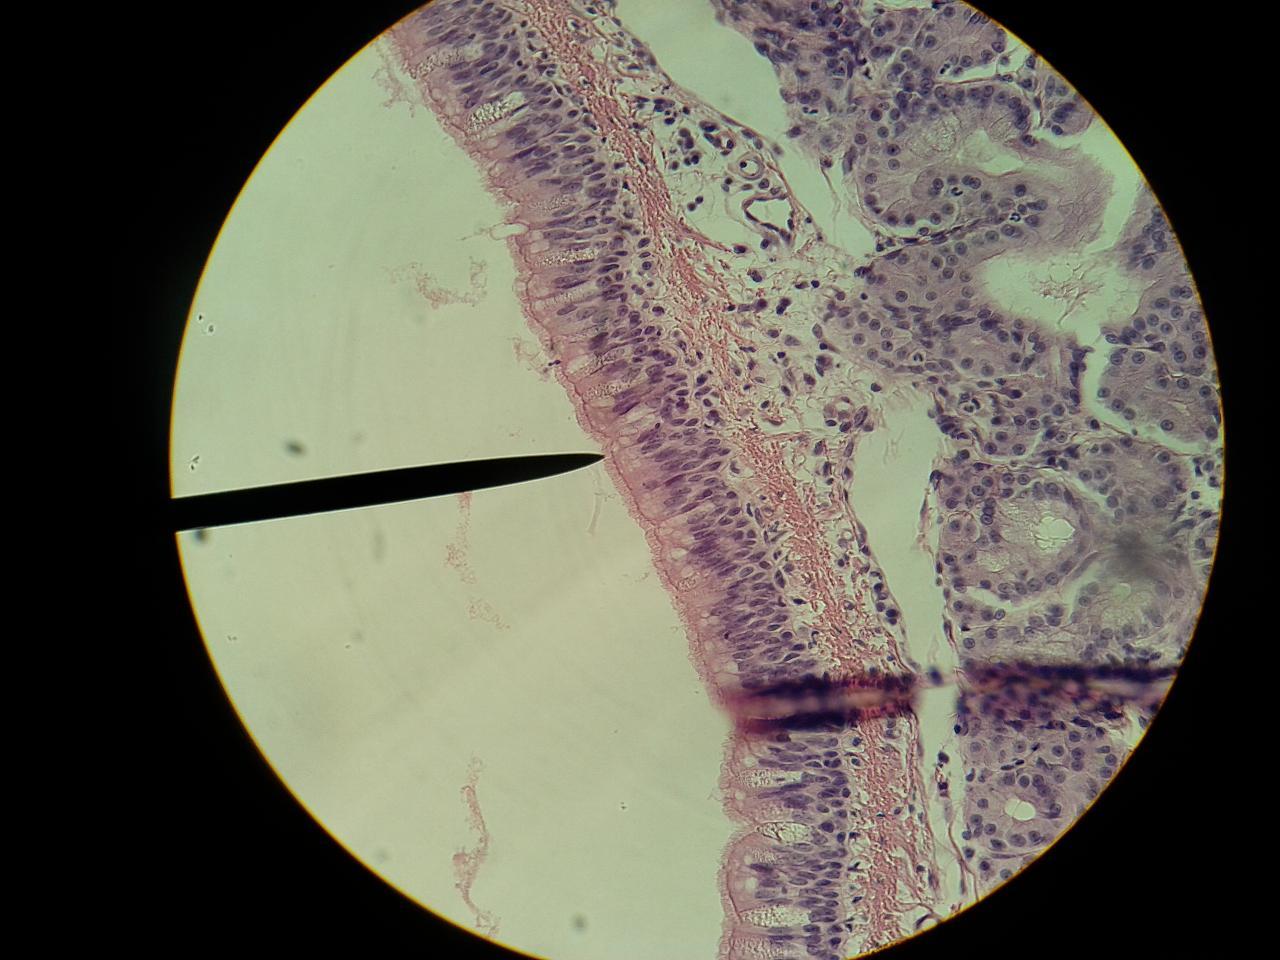 Human Anatomy Bio 120  Exam 1 Slides